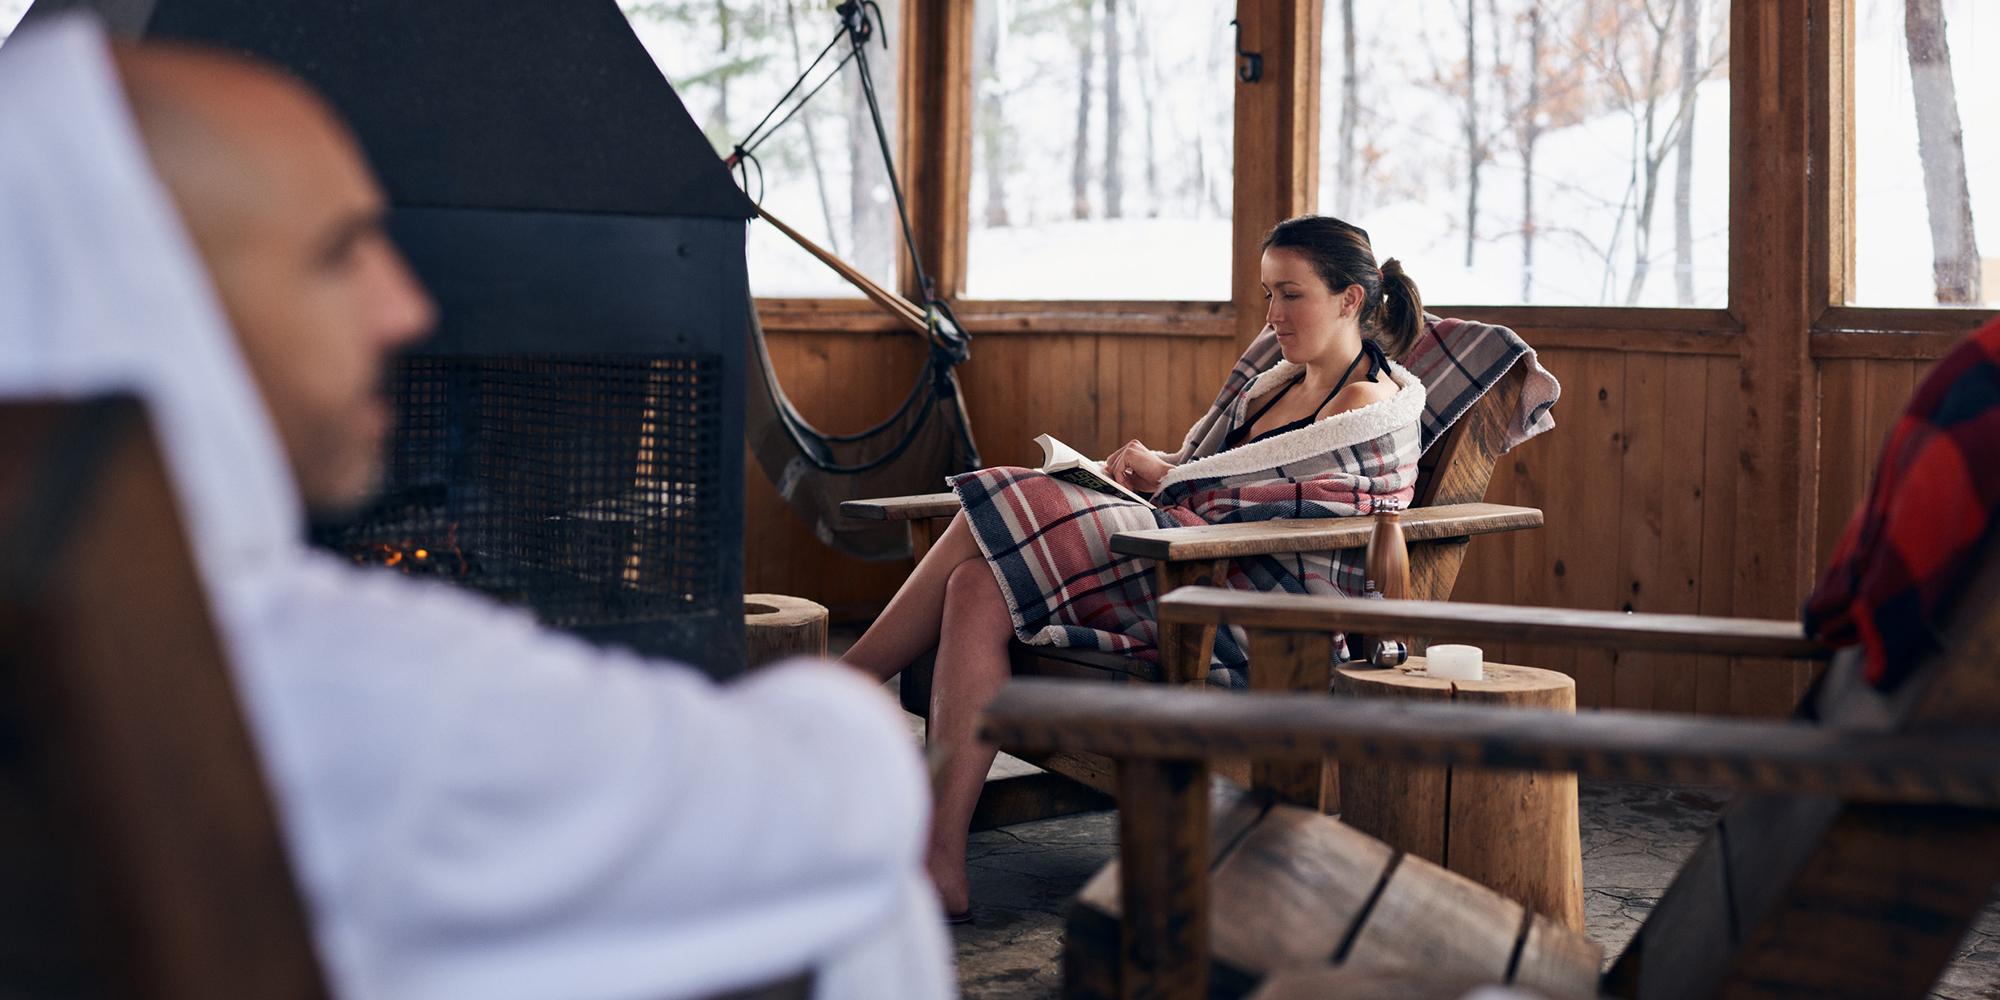 Kalmeo relaxation pavillon